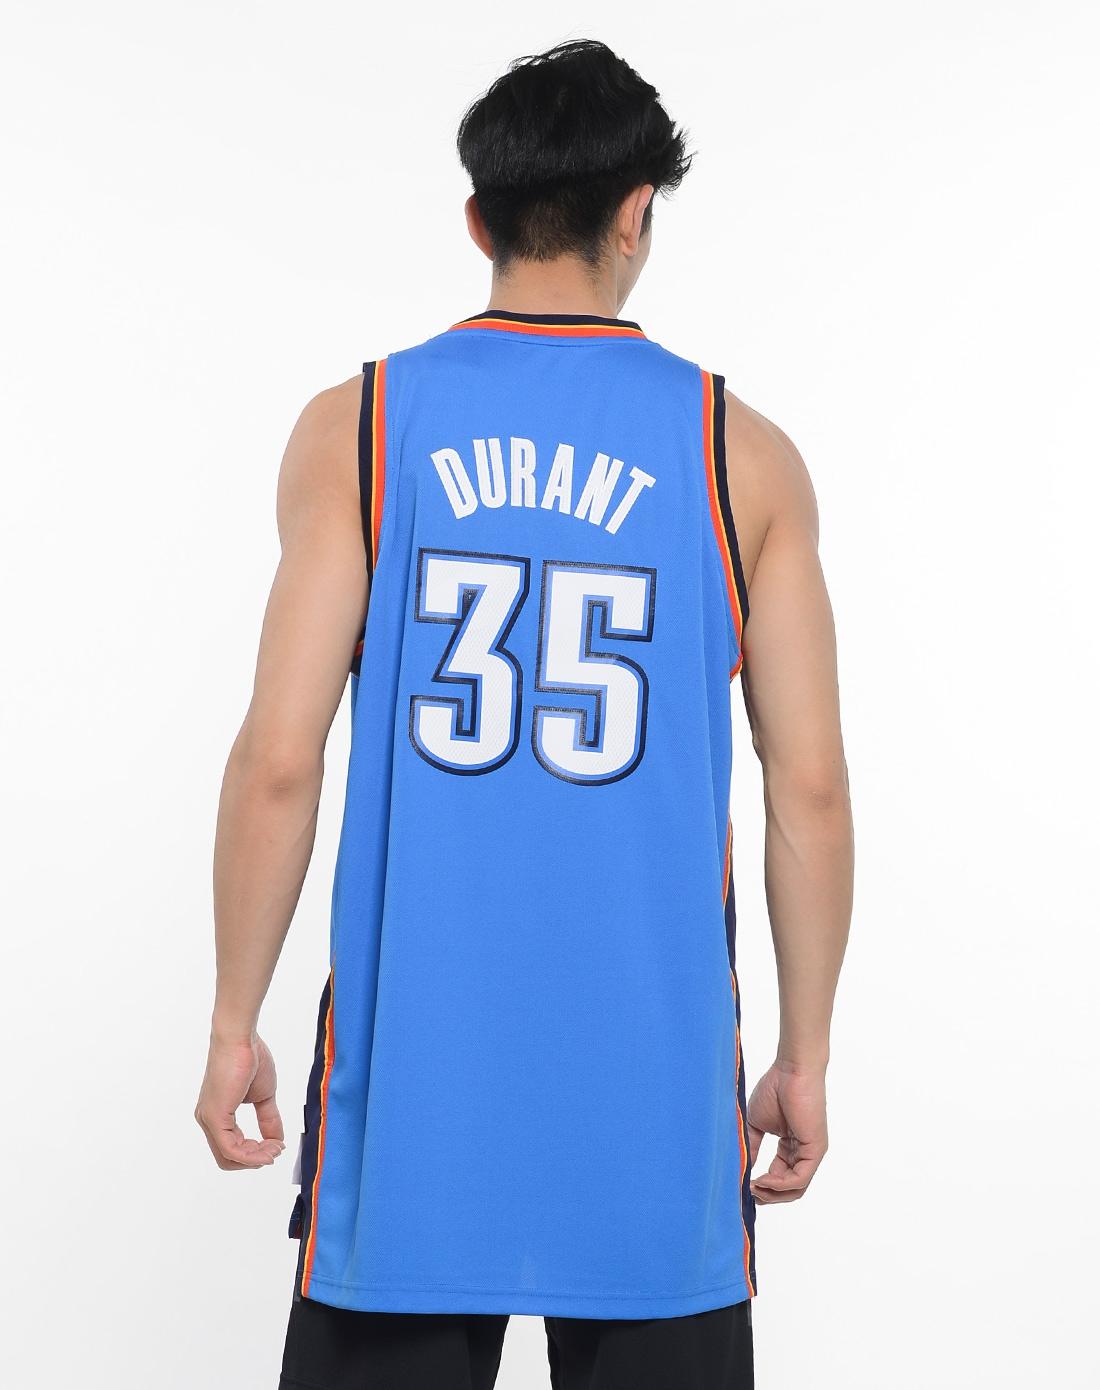 阿迪达斯adidas男子蓝色 nba 球迷版 球衣 l71759 174x220-阿迪达斯图片